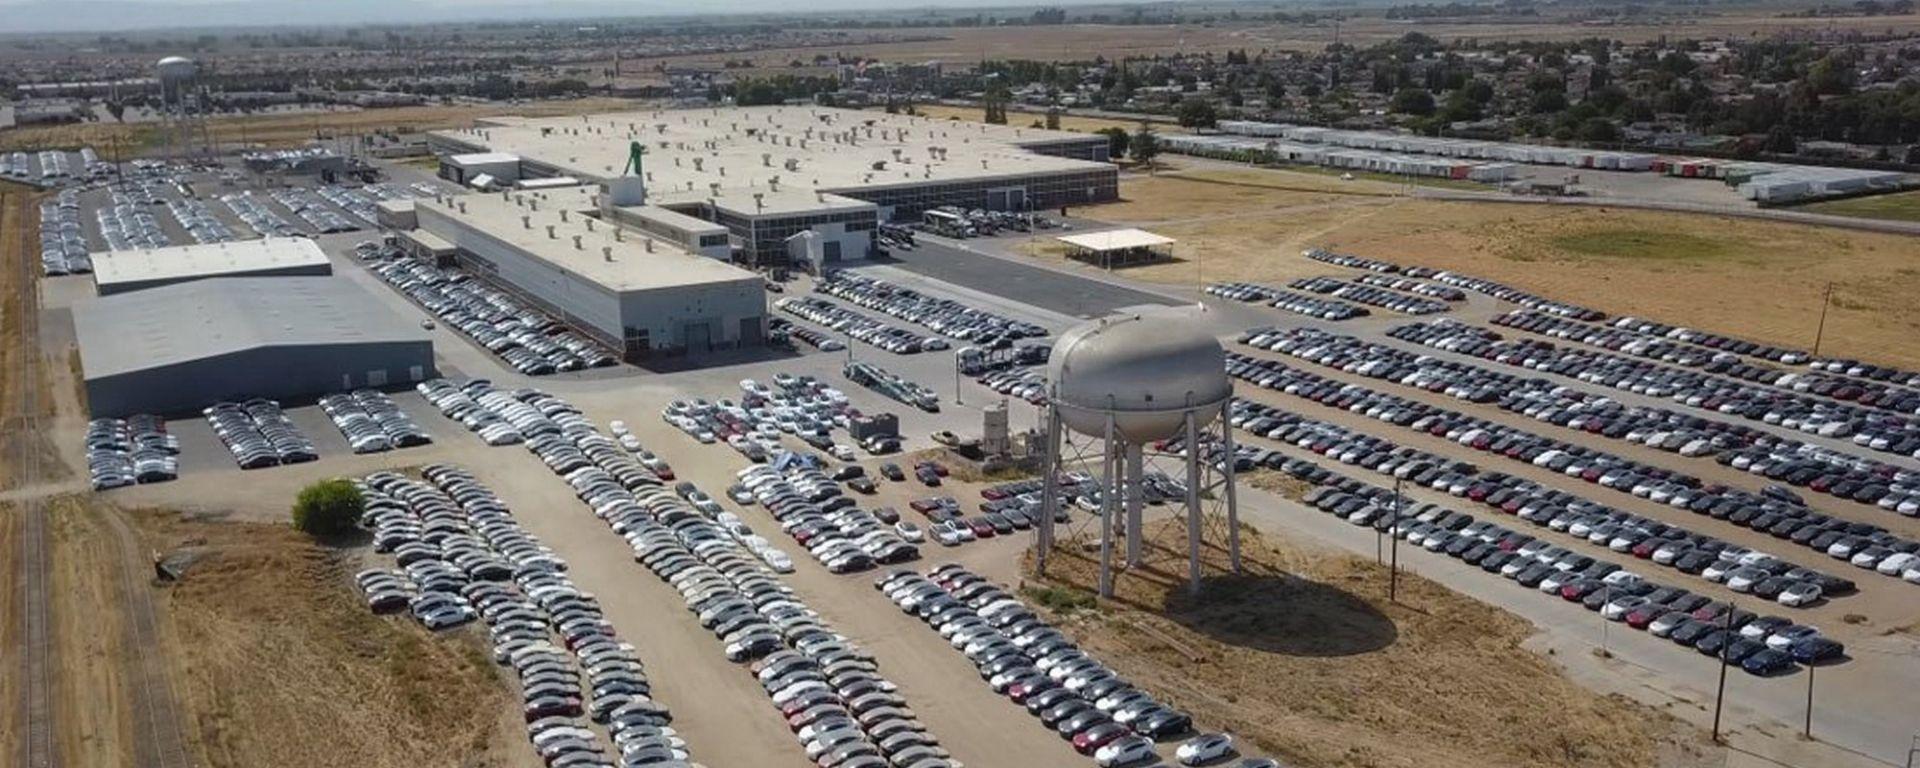 Migliaia di Tesla Model 3 parcheggiate a Lahtrop, California